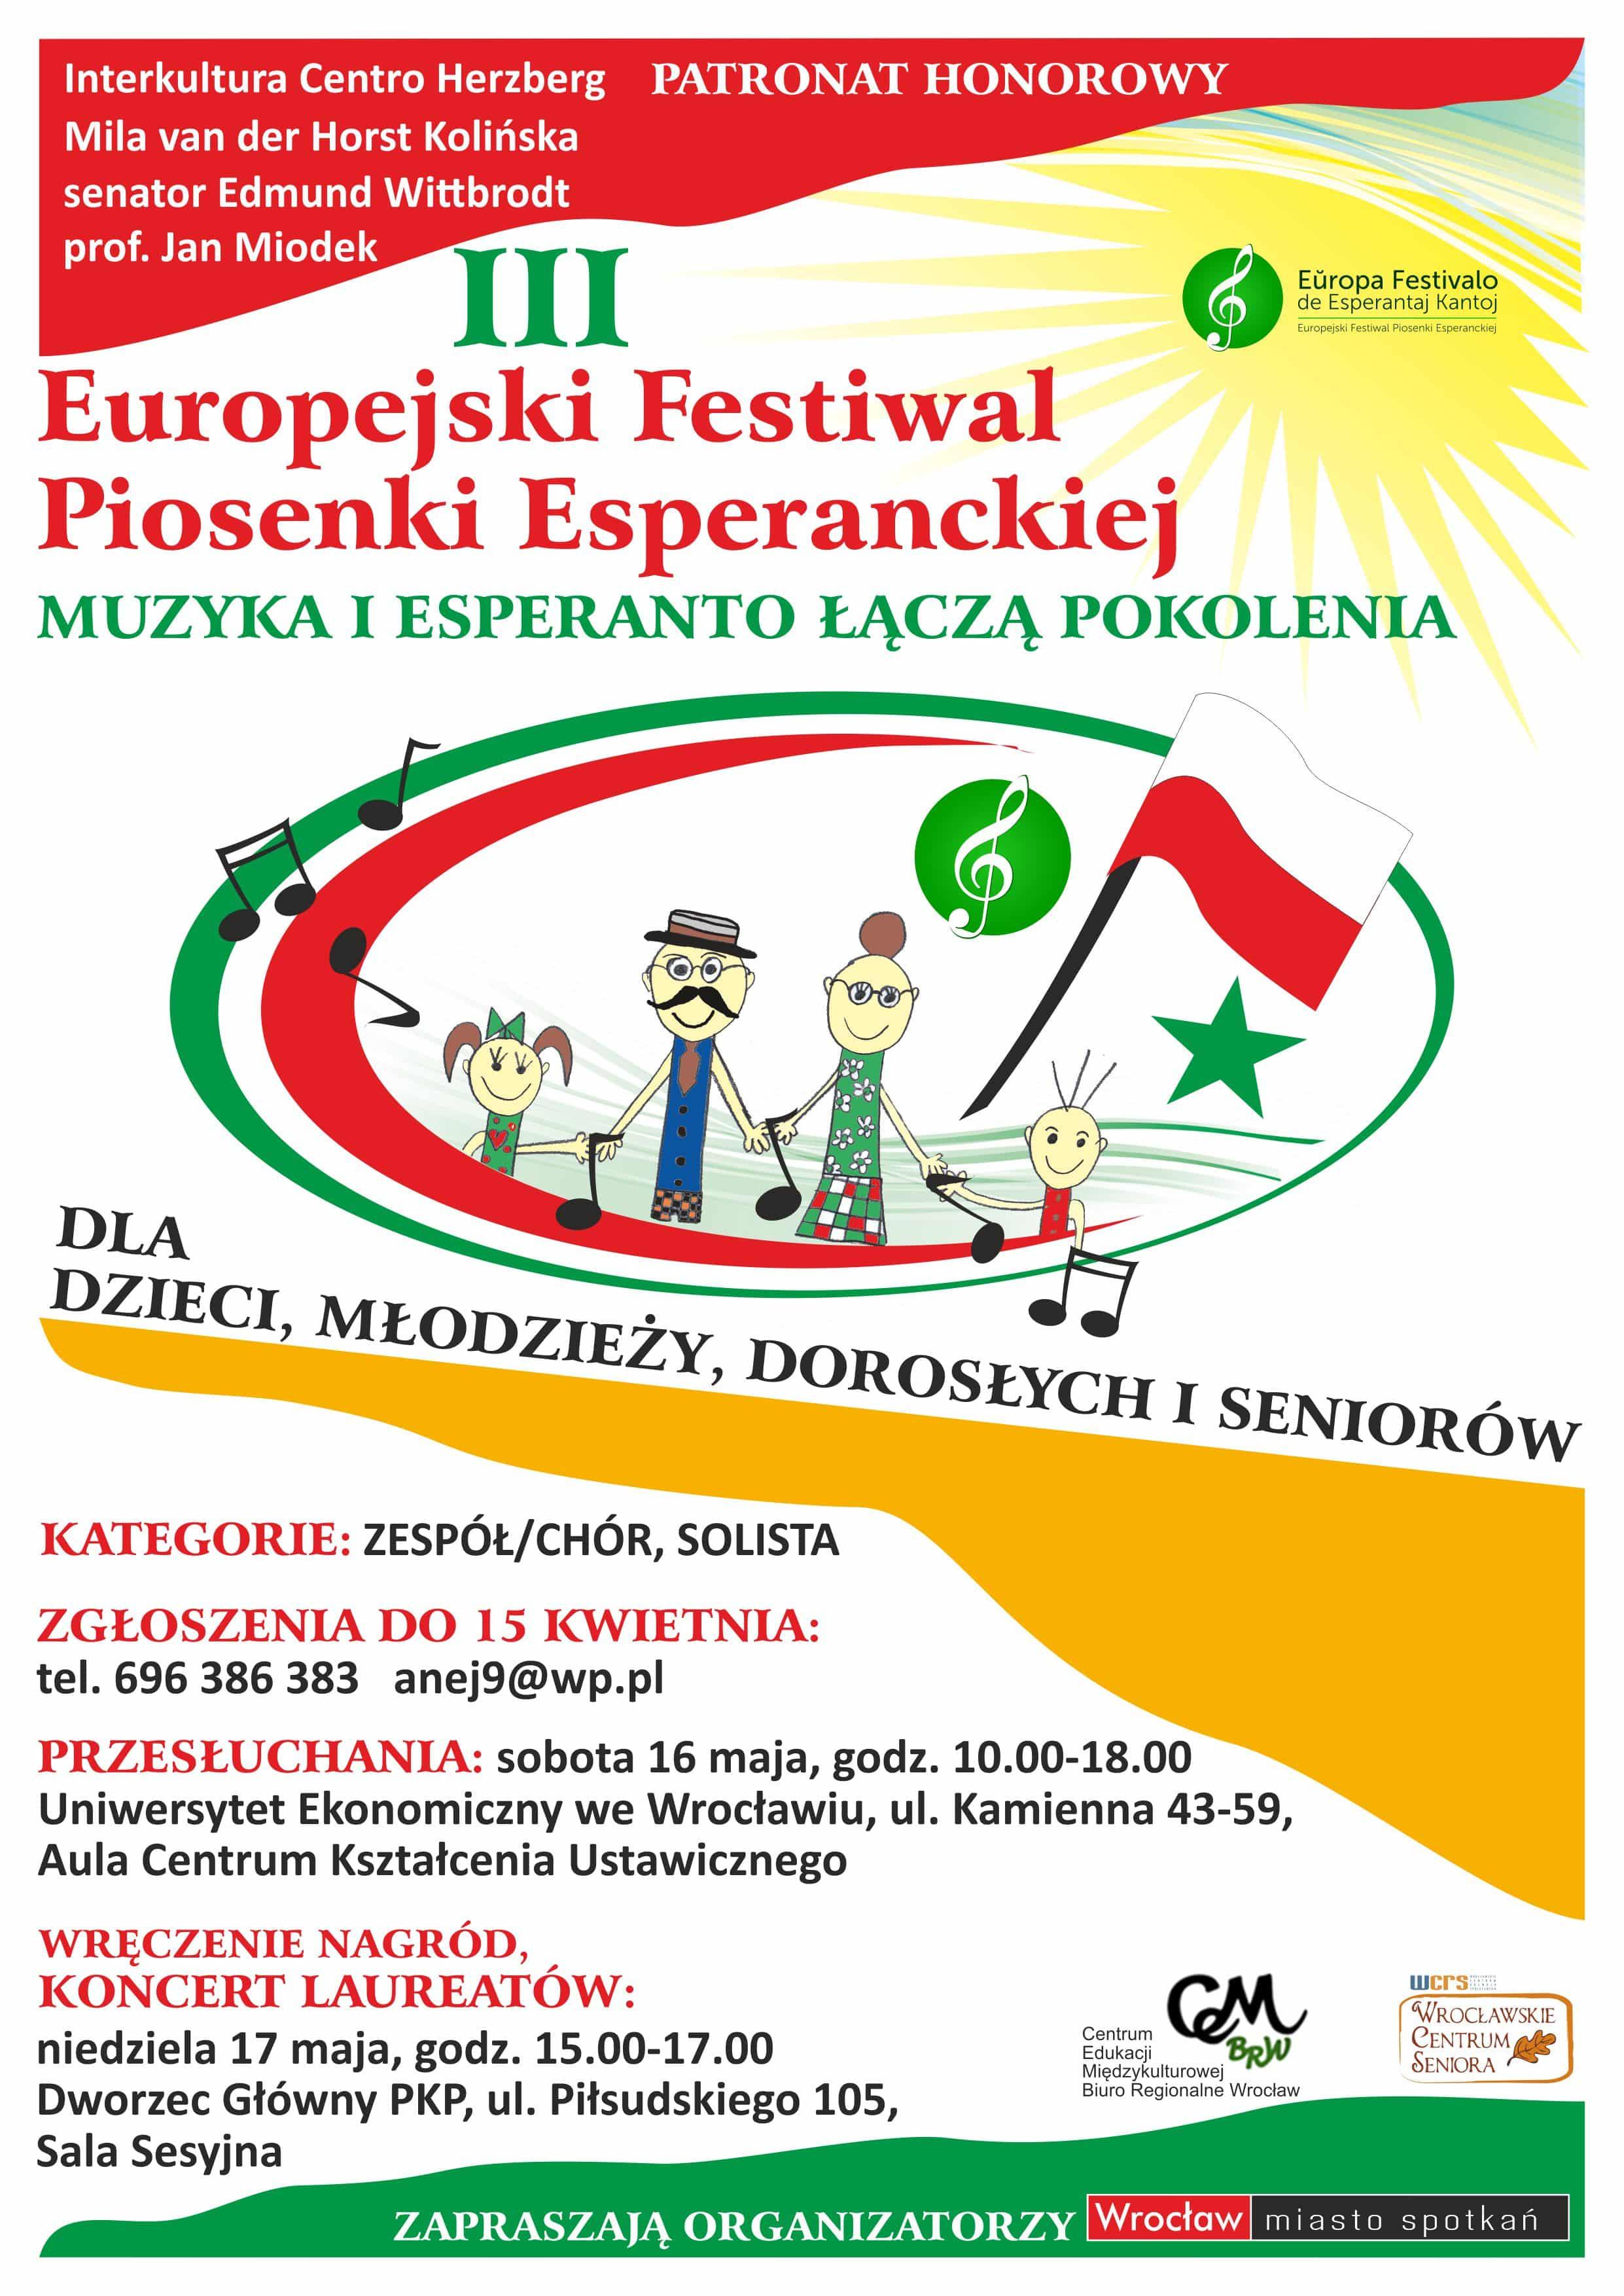 16-17.05.15_FESTIWAL PIOSENKI ESPERANCKIEJ_plakat_poprawiony-25.03.15